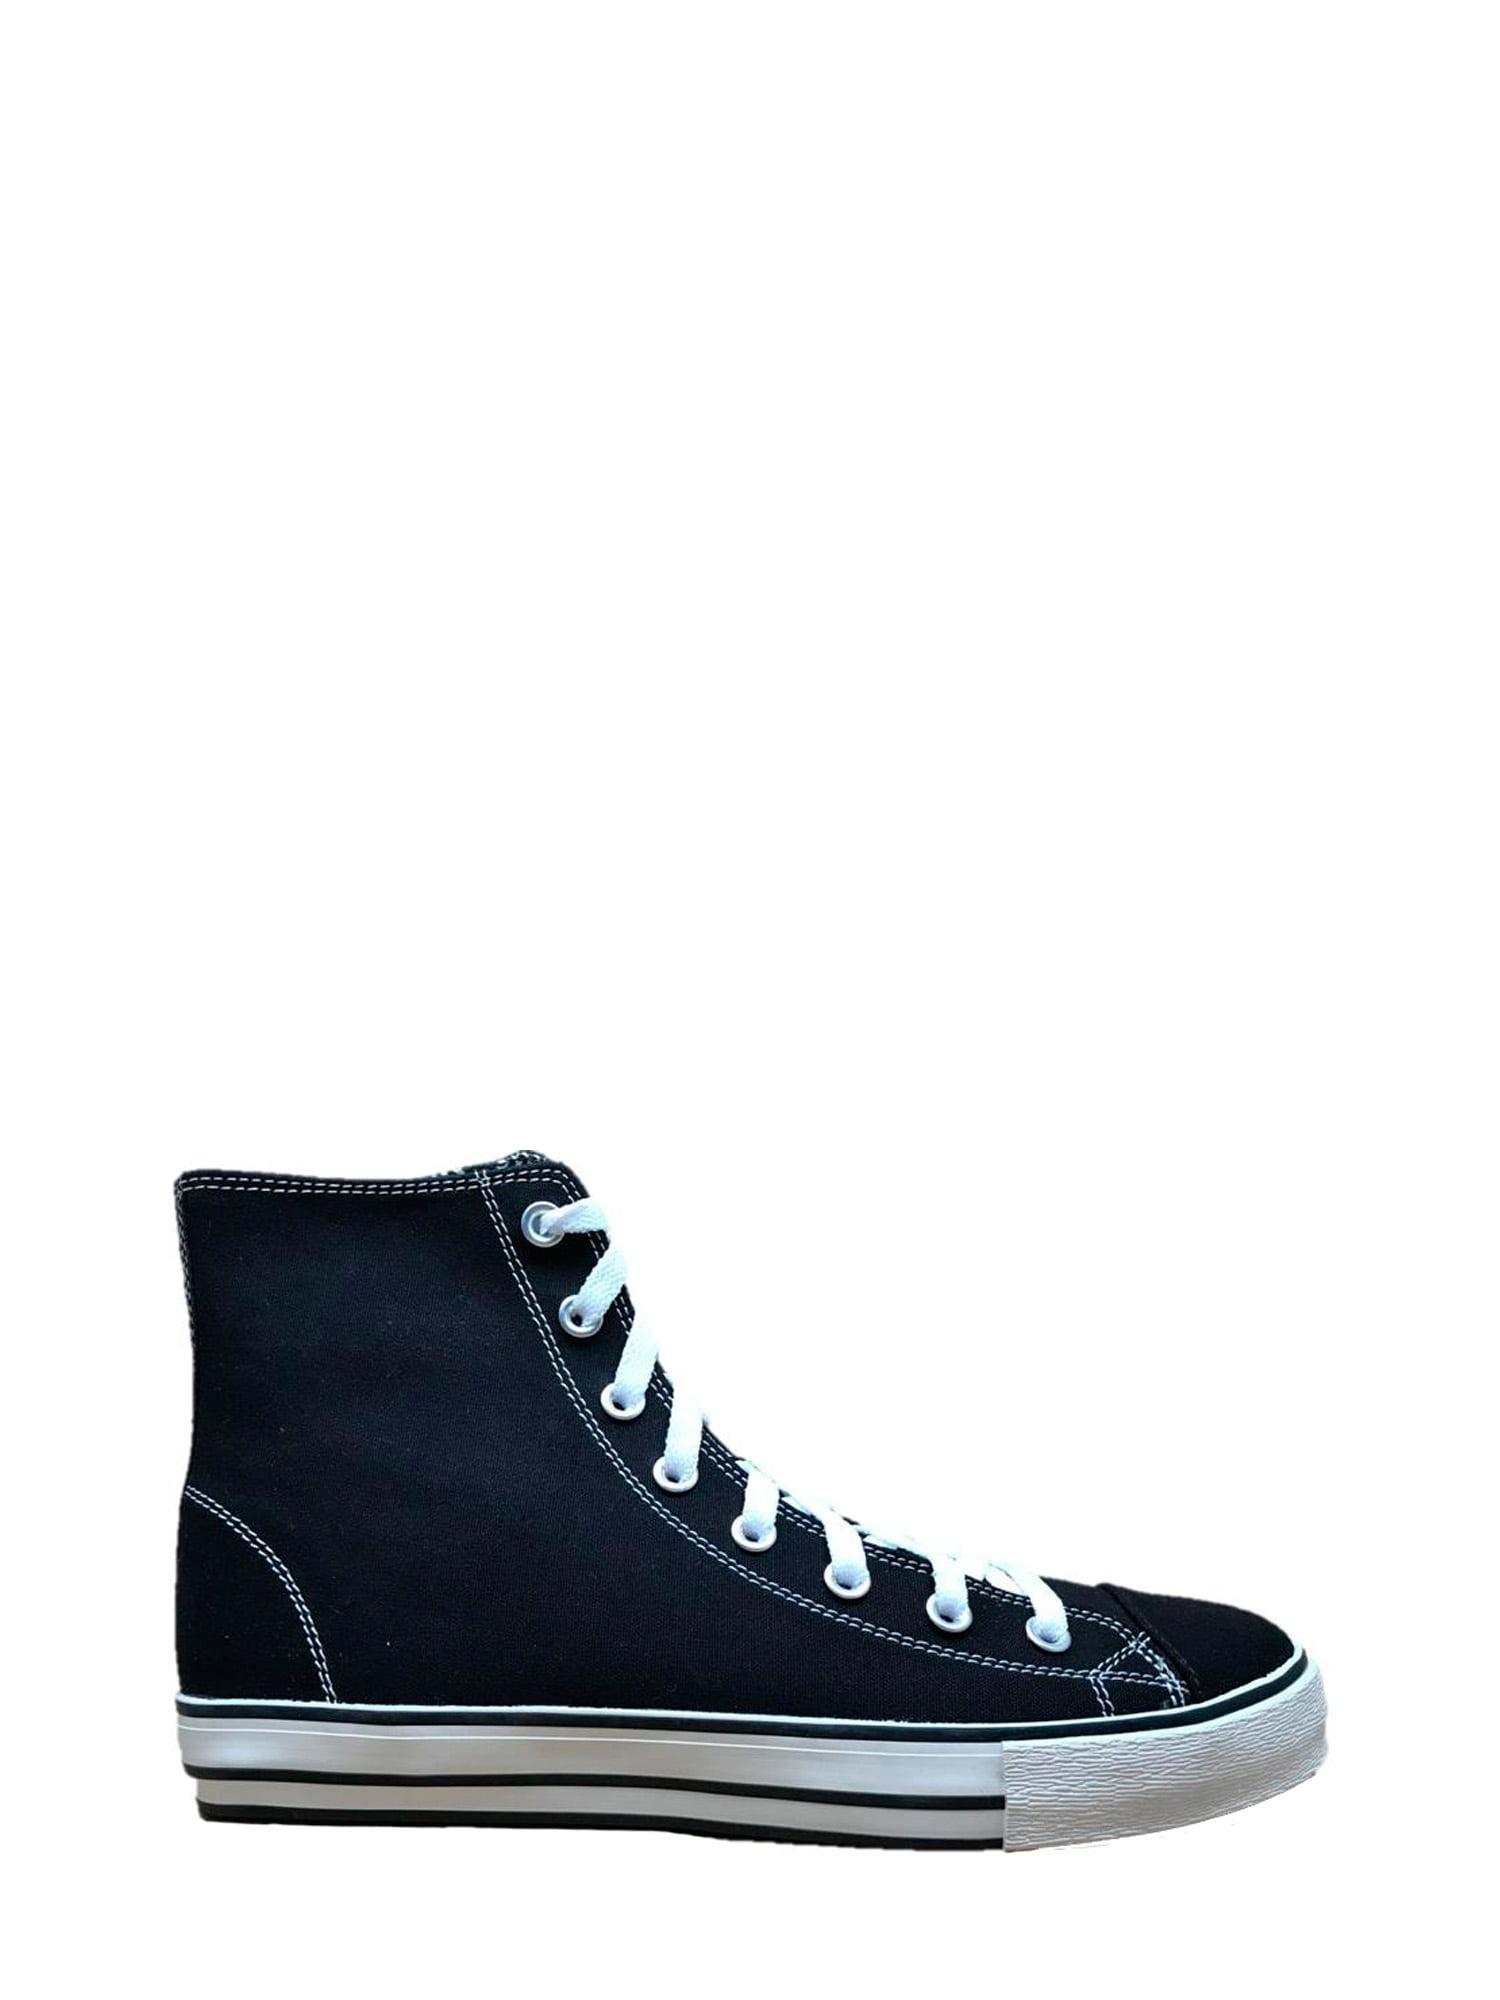 Hightop Sneaker - Walmart.com